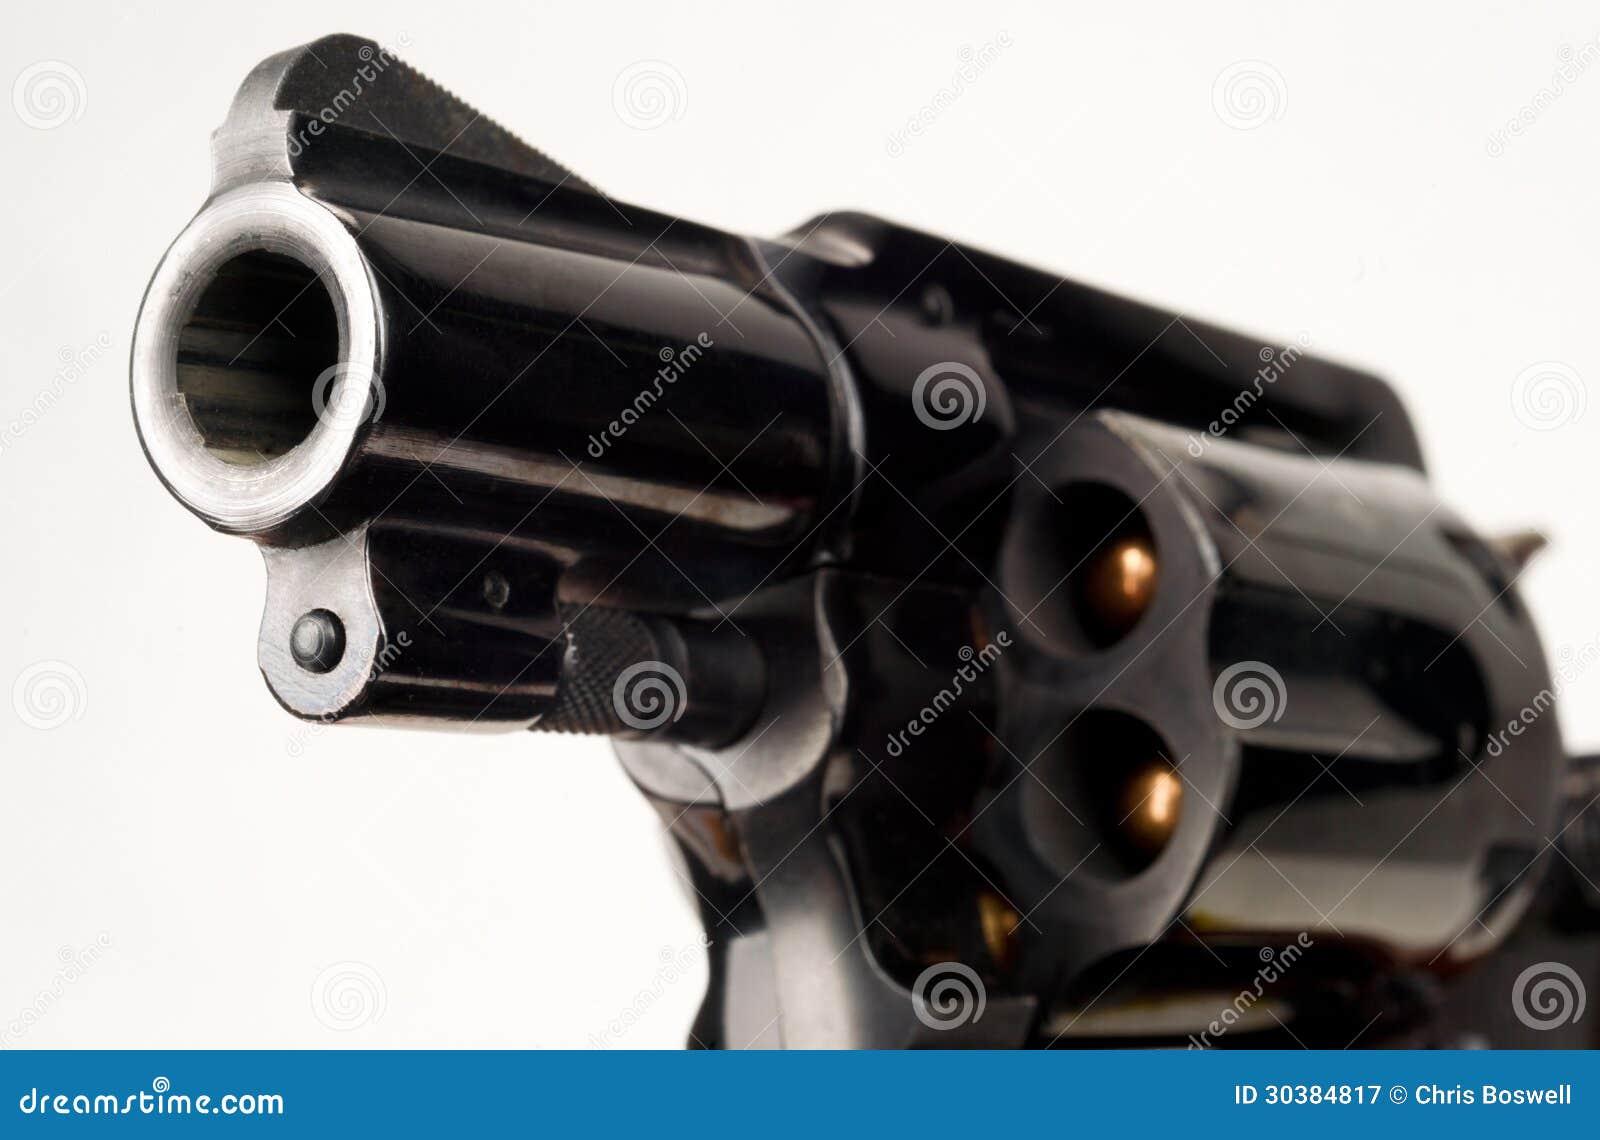 38 Kaliber-Revolver-Pistole geladenes Zylinder-Kanonenrohr gezeigt